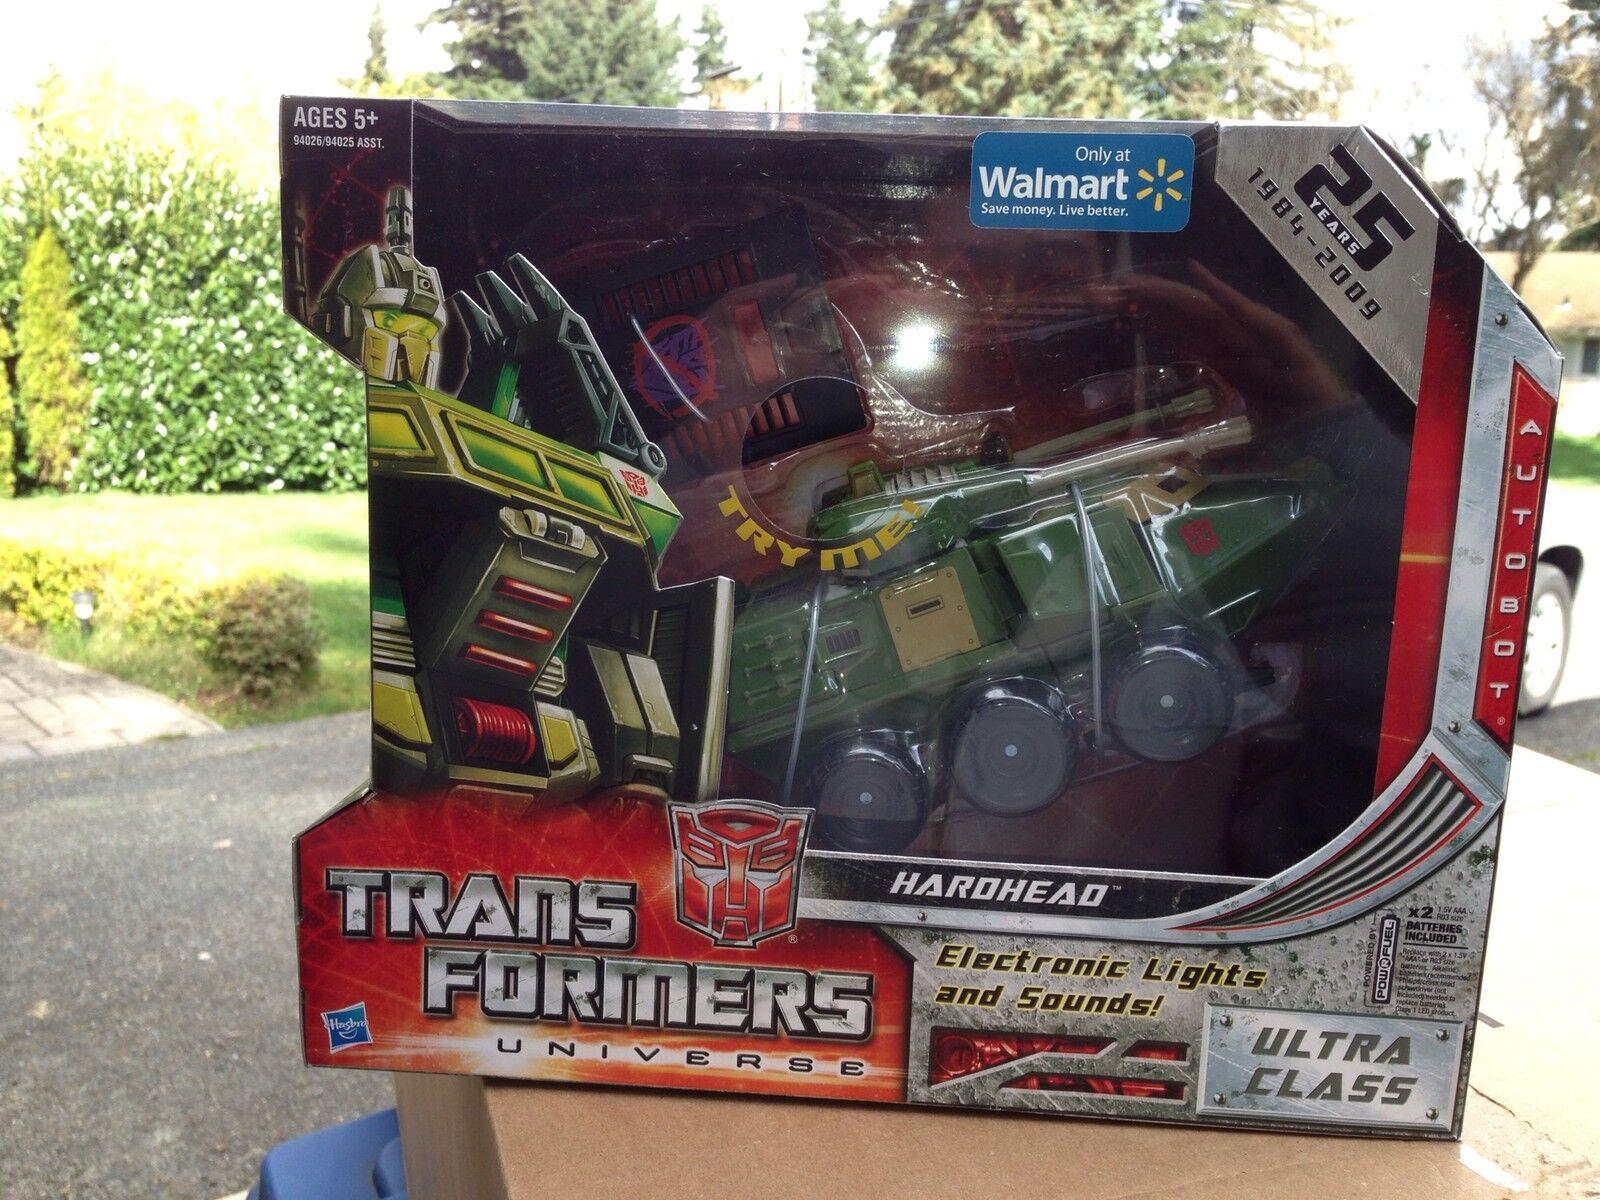 precioso Transformers Universo Ultra Clase producto exclusivo de Walmart Hardhead Hardhead Hardhead director Classics  ventas en linea